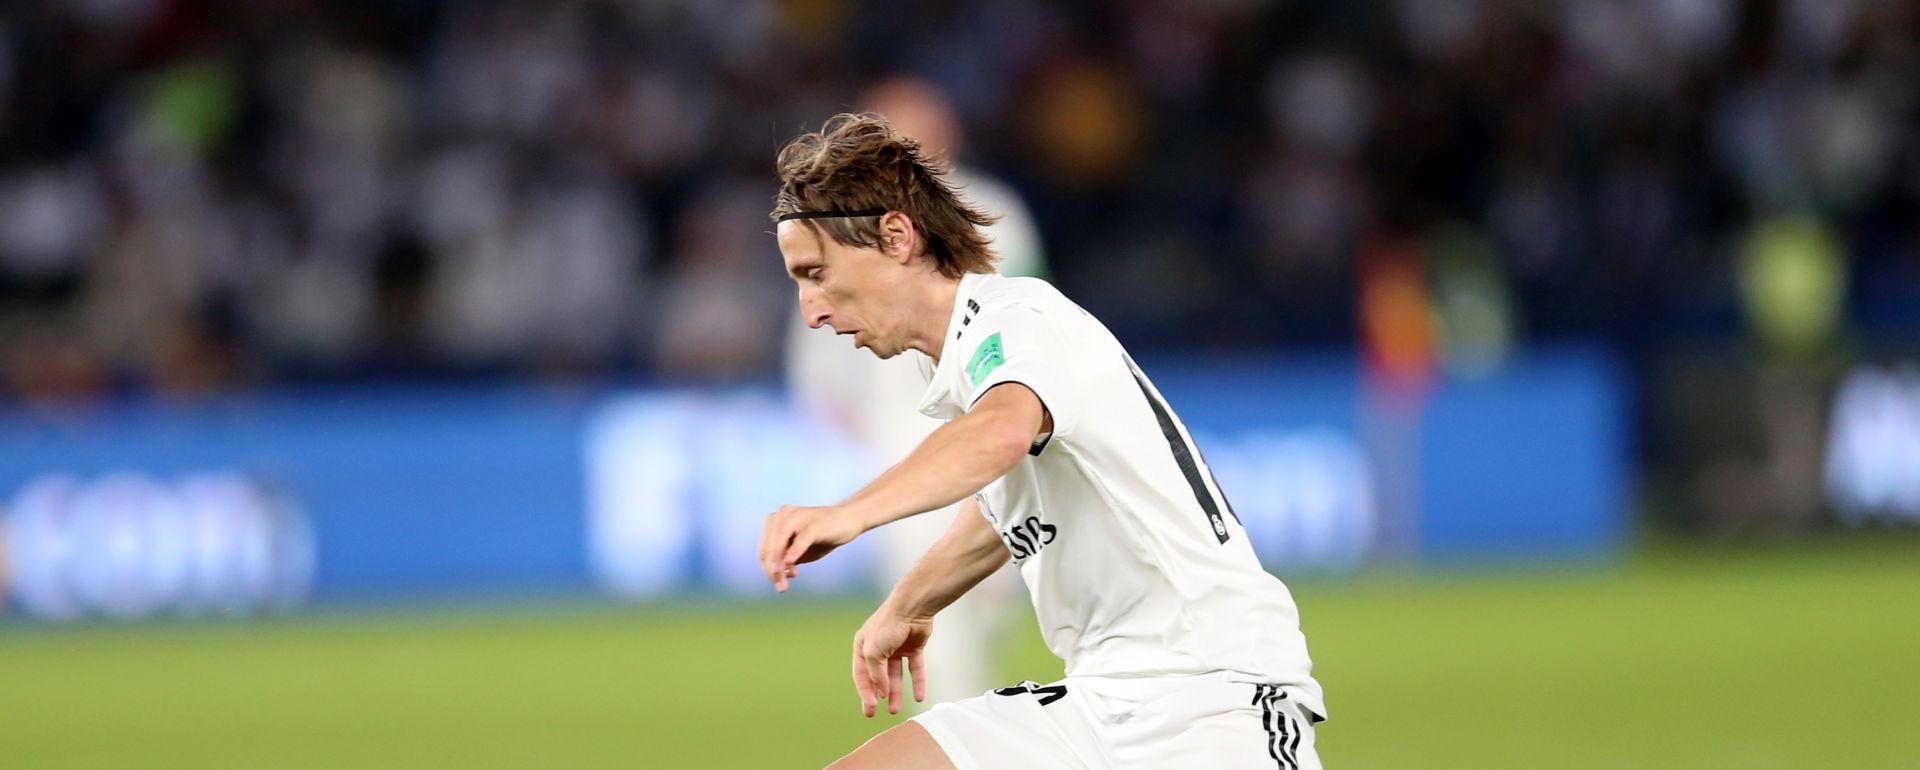 Modrić odbio ponudu Real Madrida o produženju ugovora